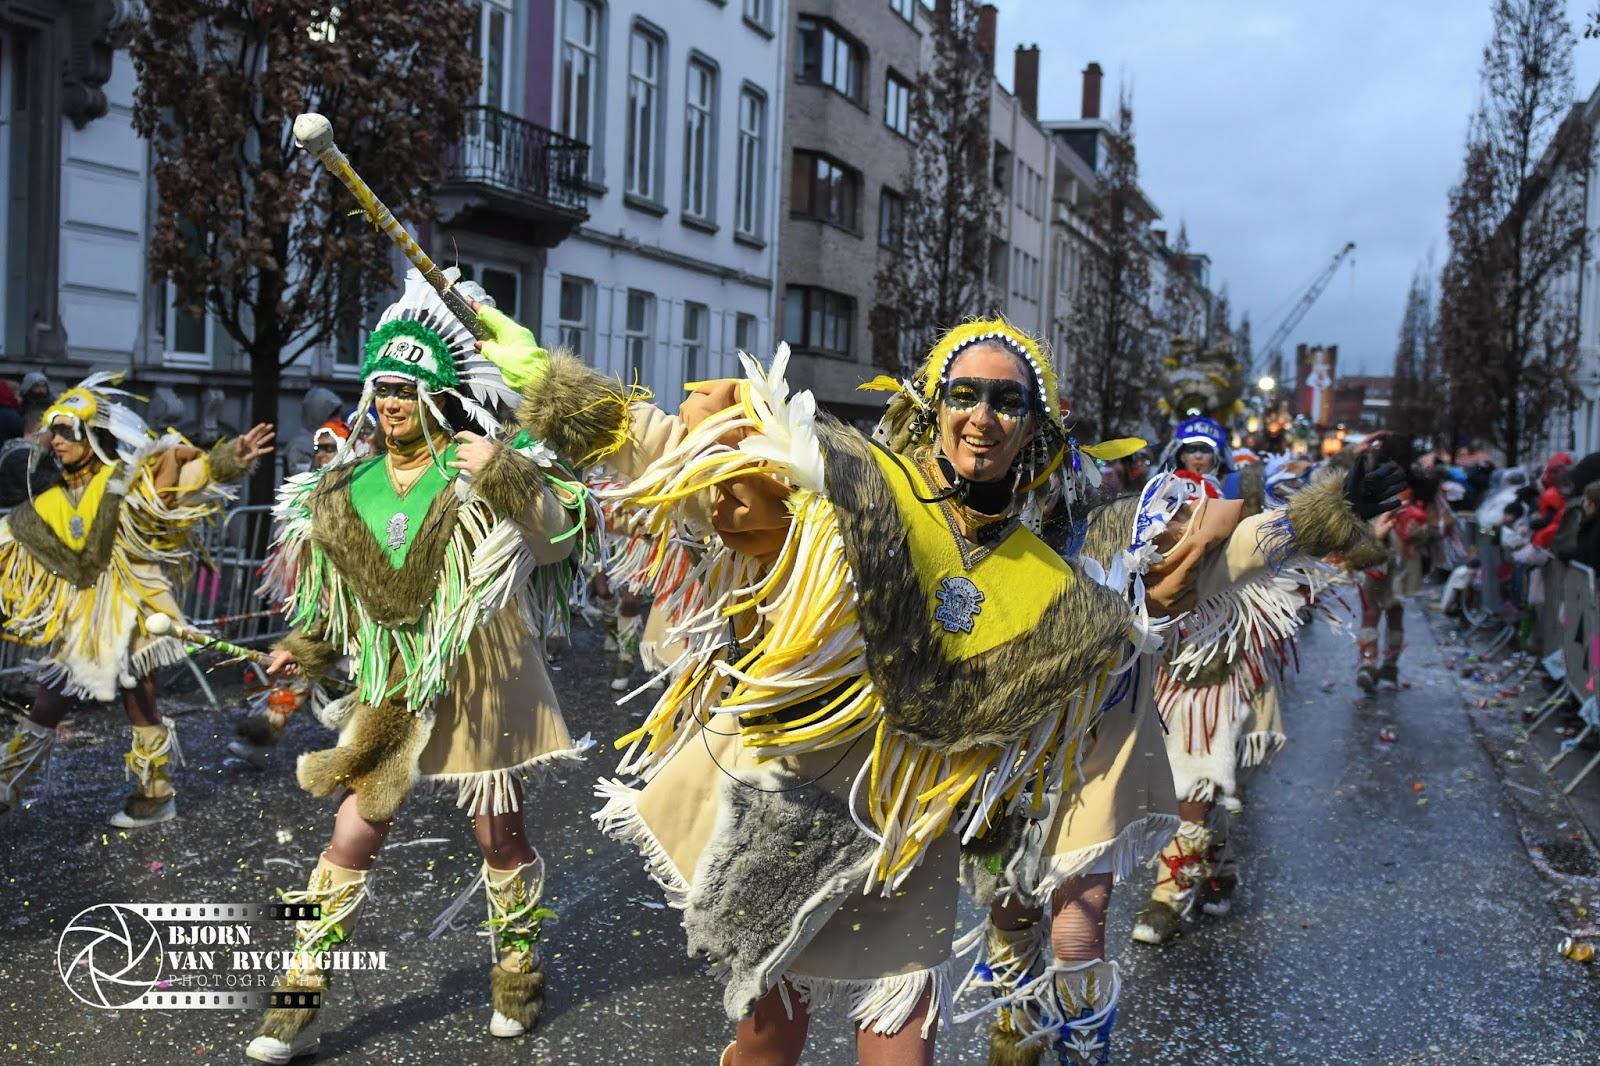 Carnaval Aalst foto- en videoblog: Carnaval 2015: De